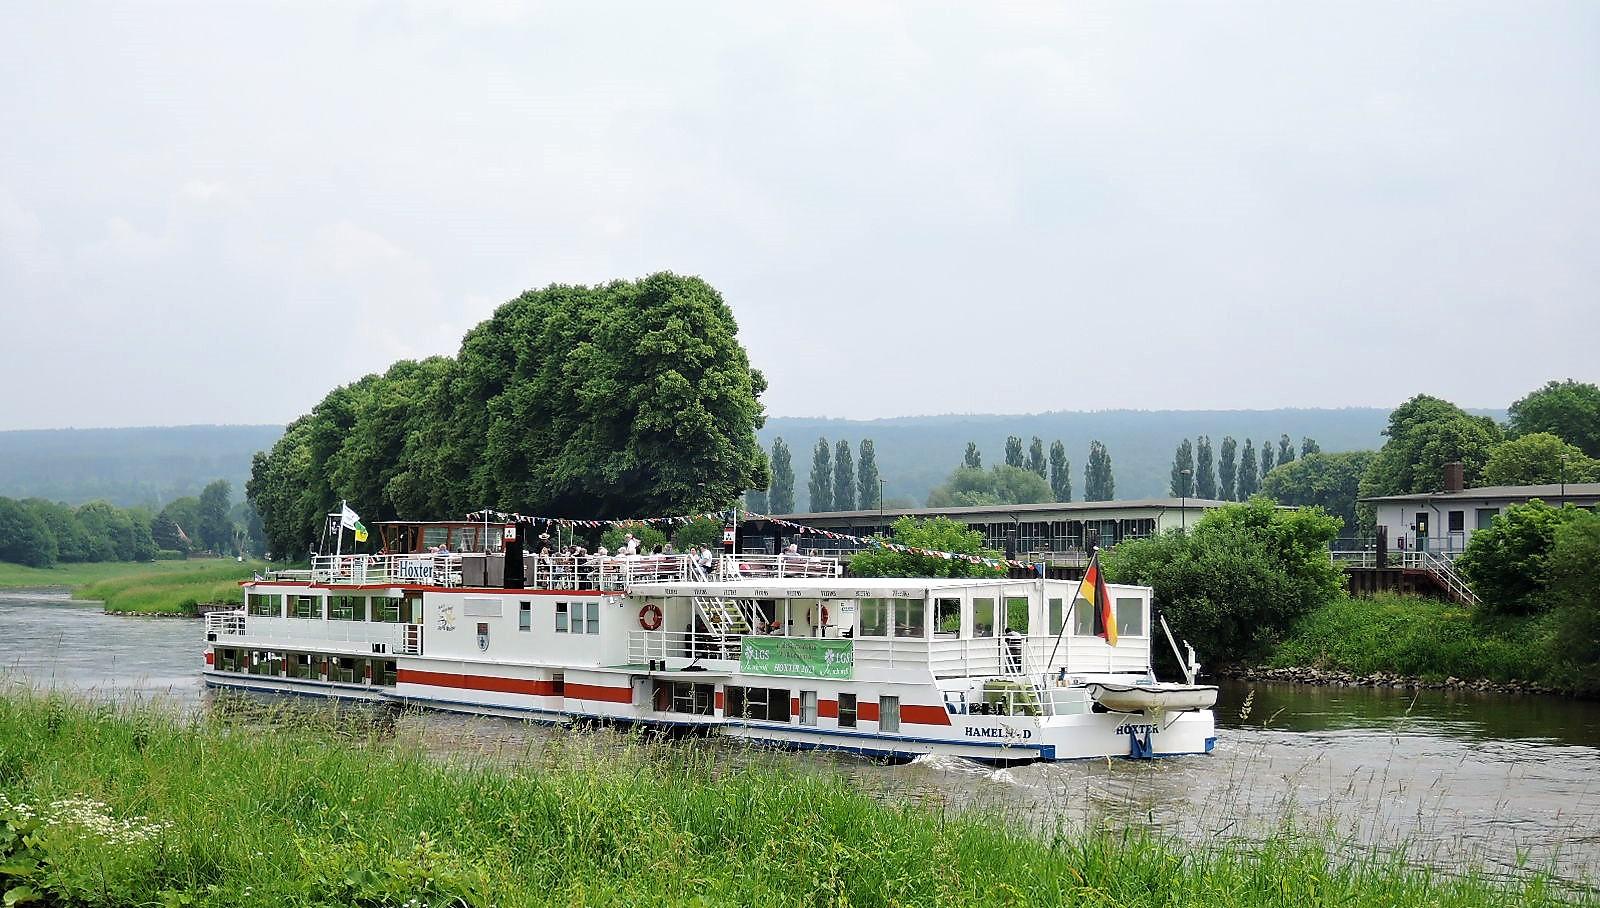 Ökumenische Weserprozession mit dem Dampfer auf der Weser von Höxter nach Corvey und zurück. Foto: Renate Wienecke